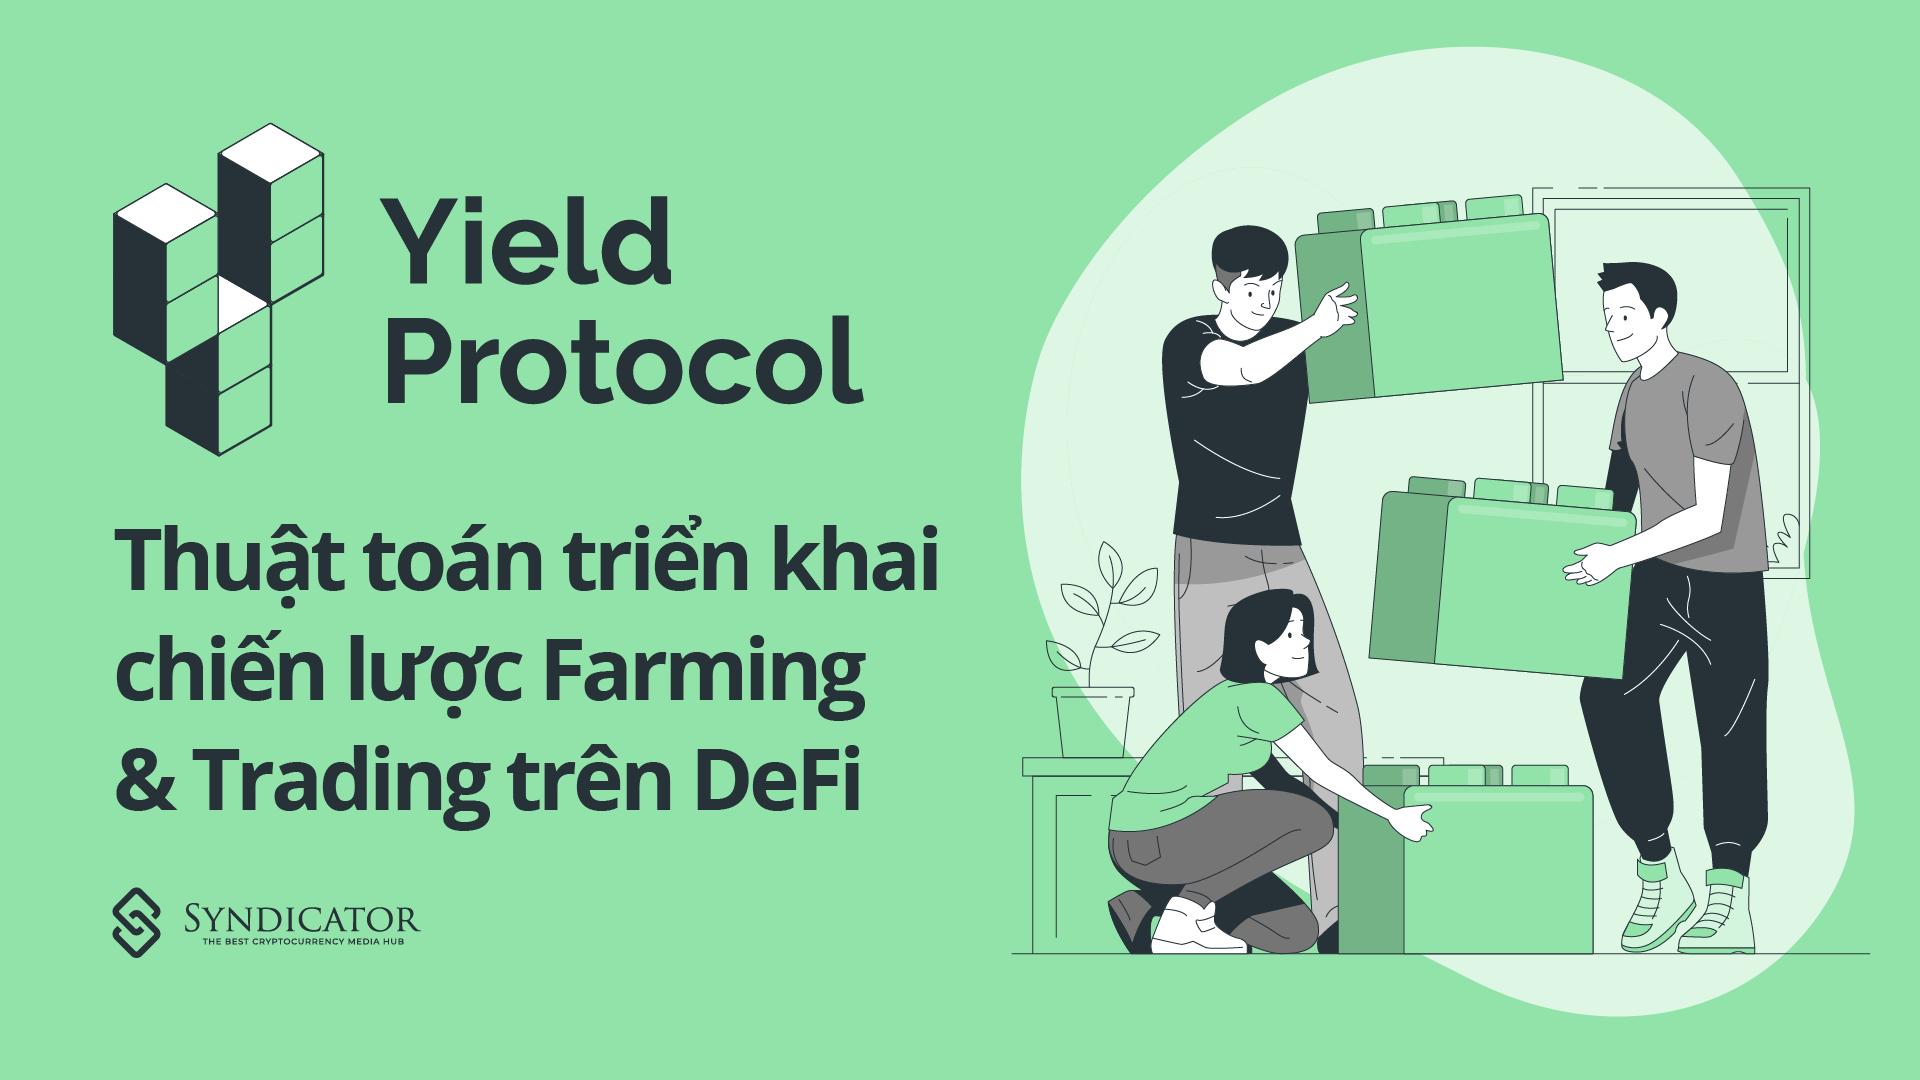 Yield Protocol: Thuật toán triển khai chiến lược farming & trading trên DeFi | Syndicator